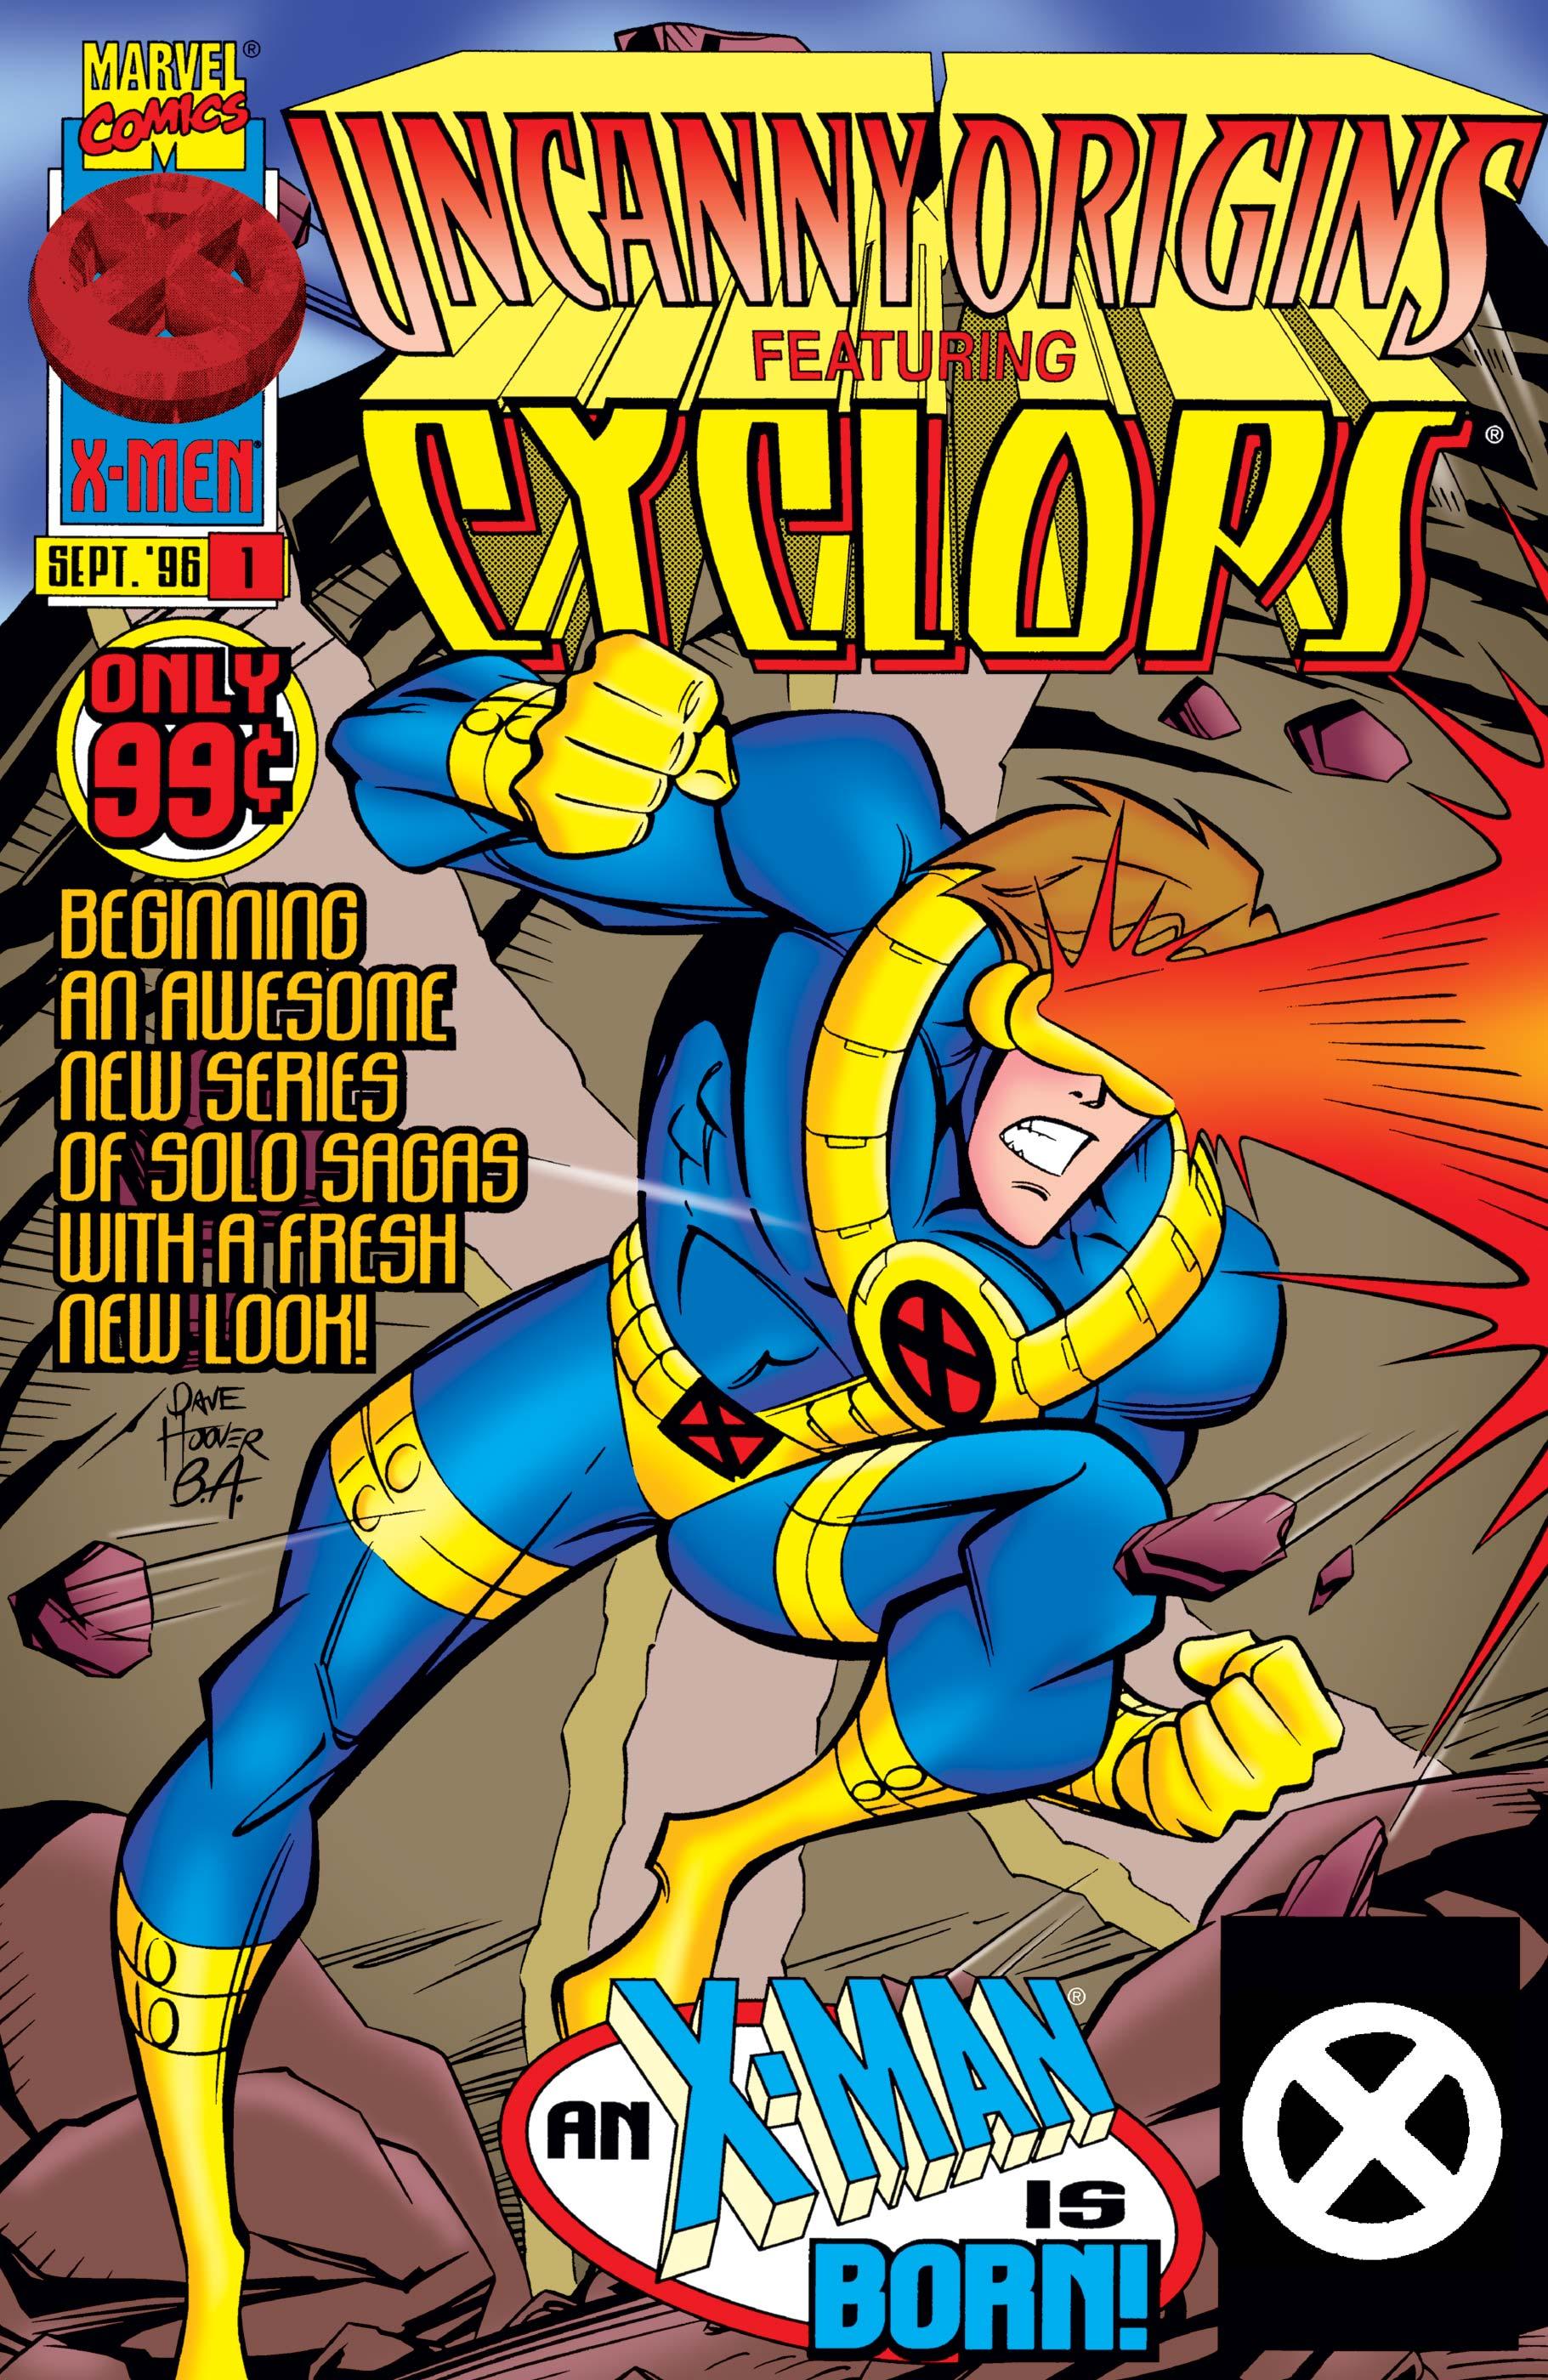 Uncanny Origins (1996) #1